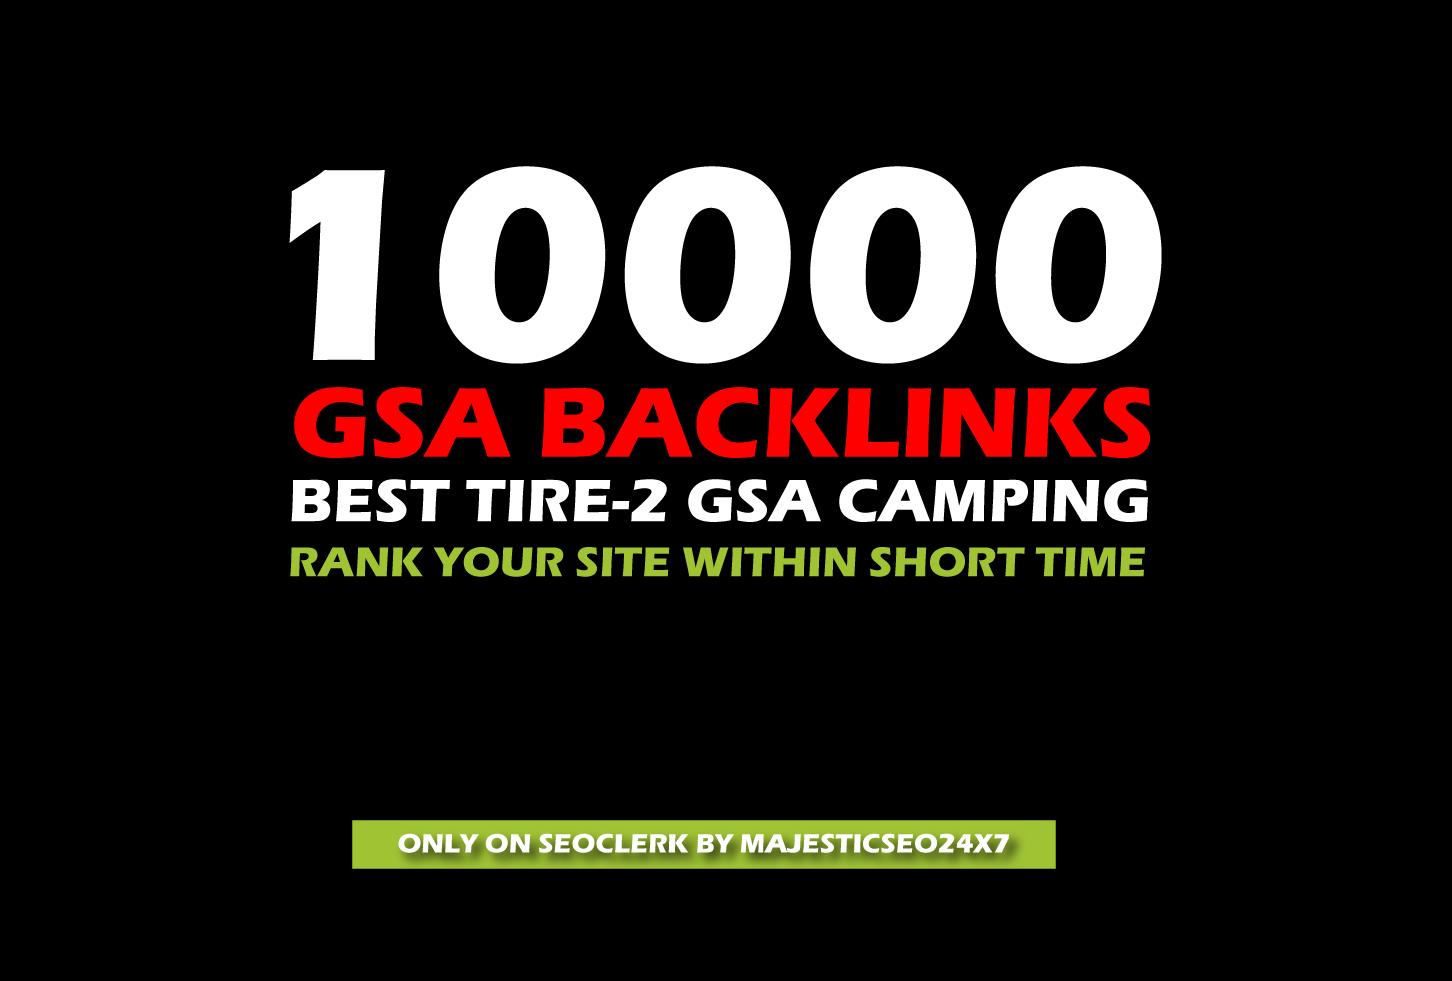 10,000 GSA backlinks for google ranking